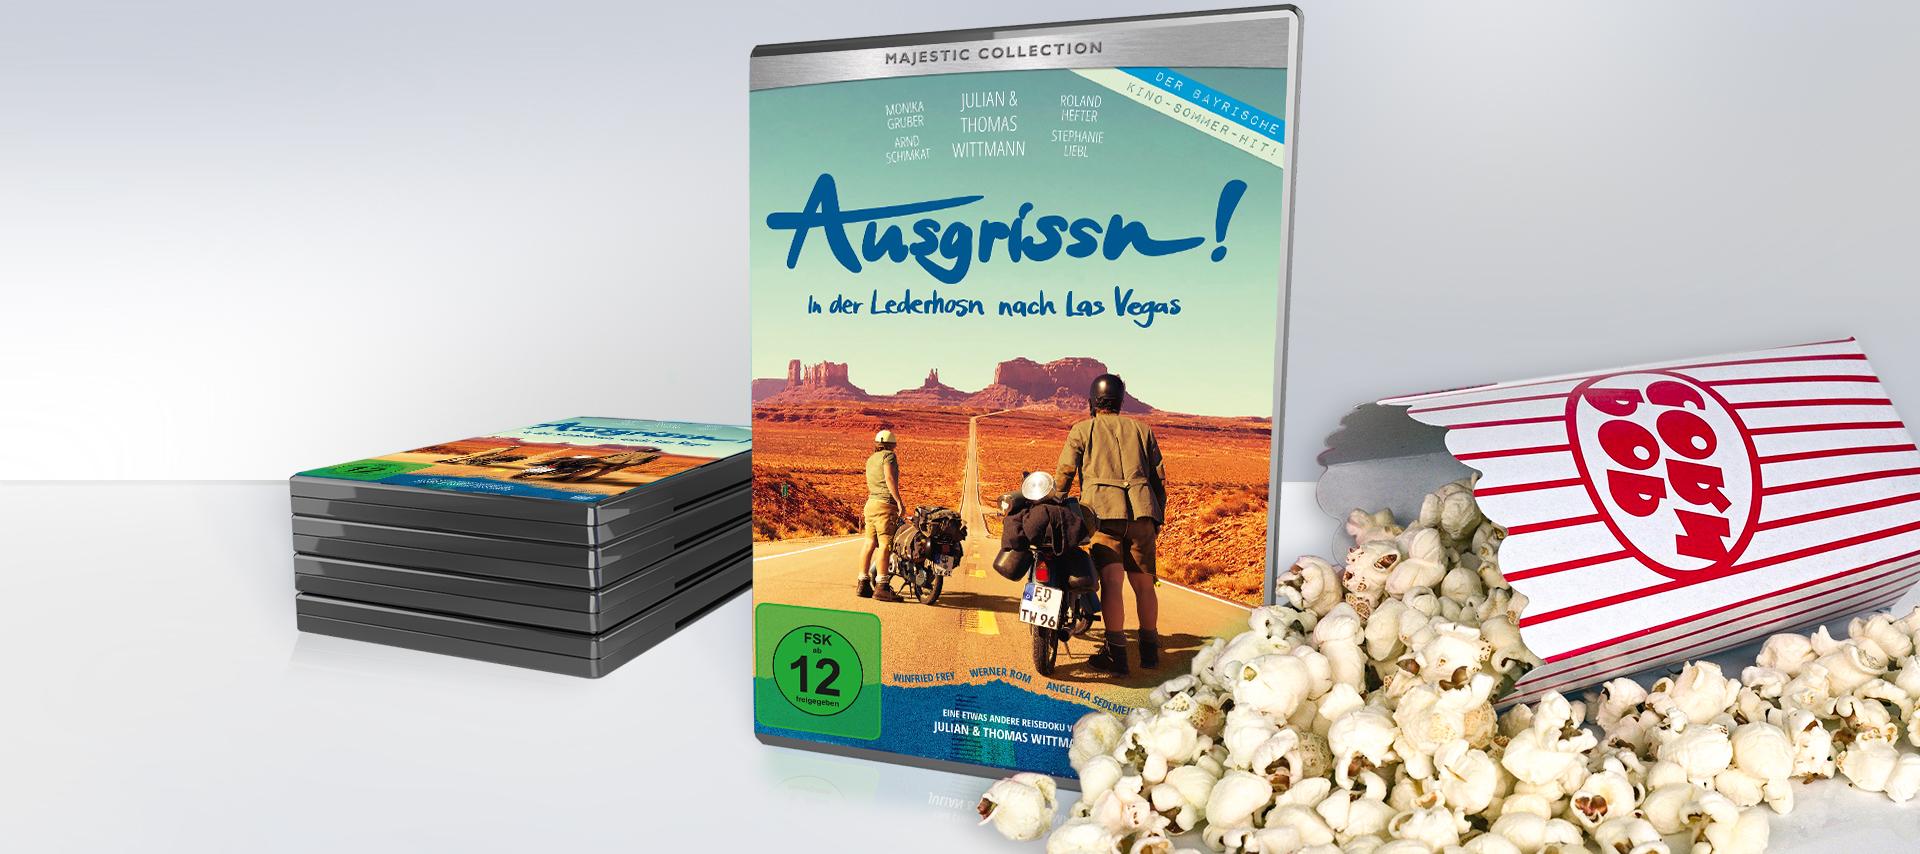 DVD-Tipp: Ausgrissn! In der Lederhosn nach Las Vegas